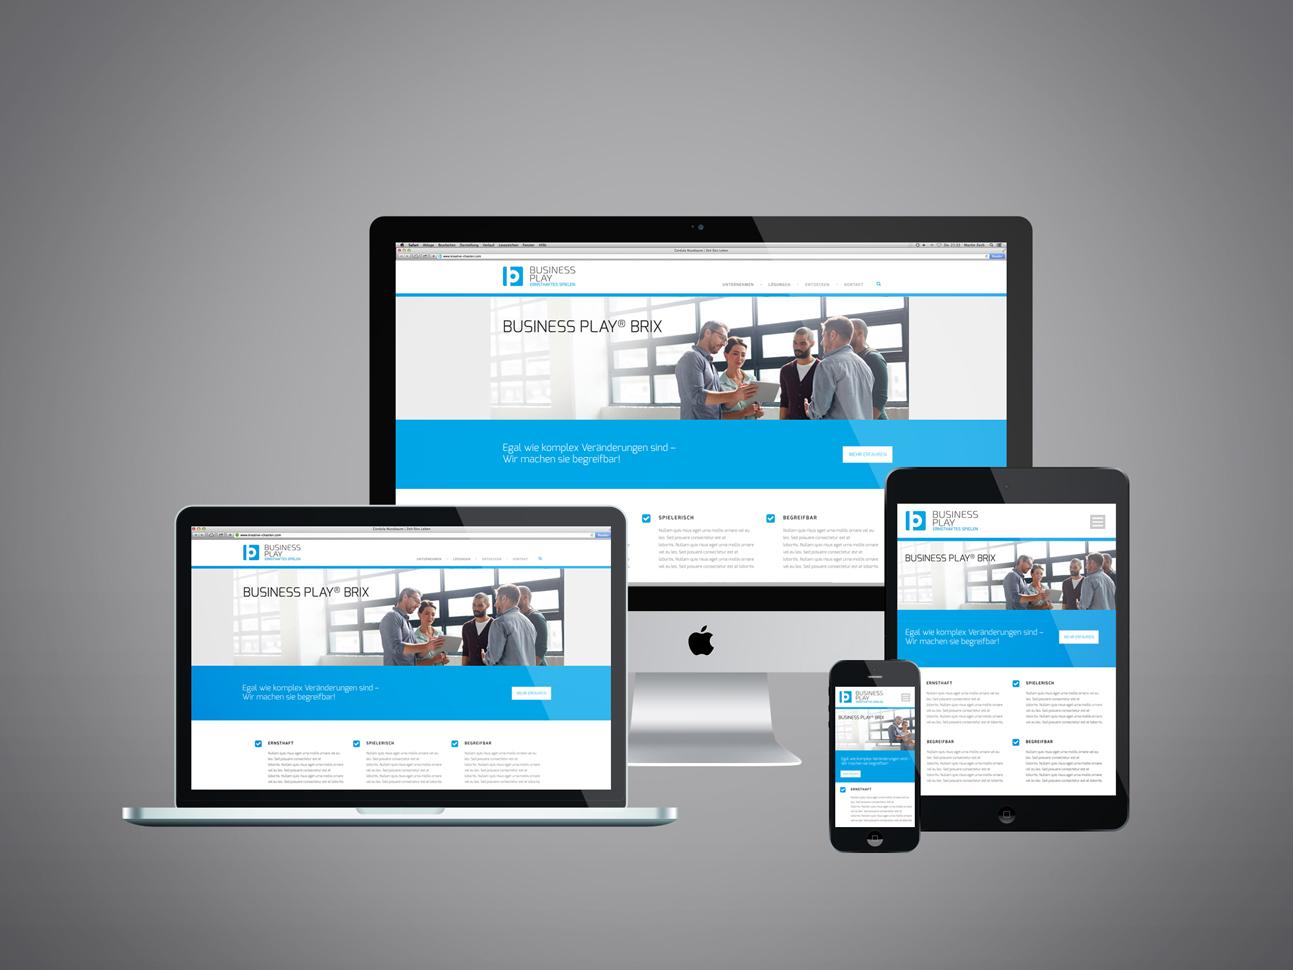 martin zech design, corporate-design, business play, landing page